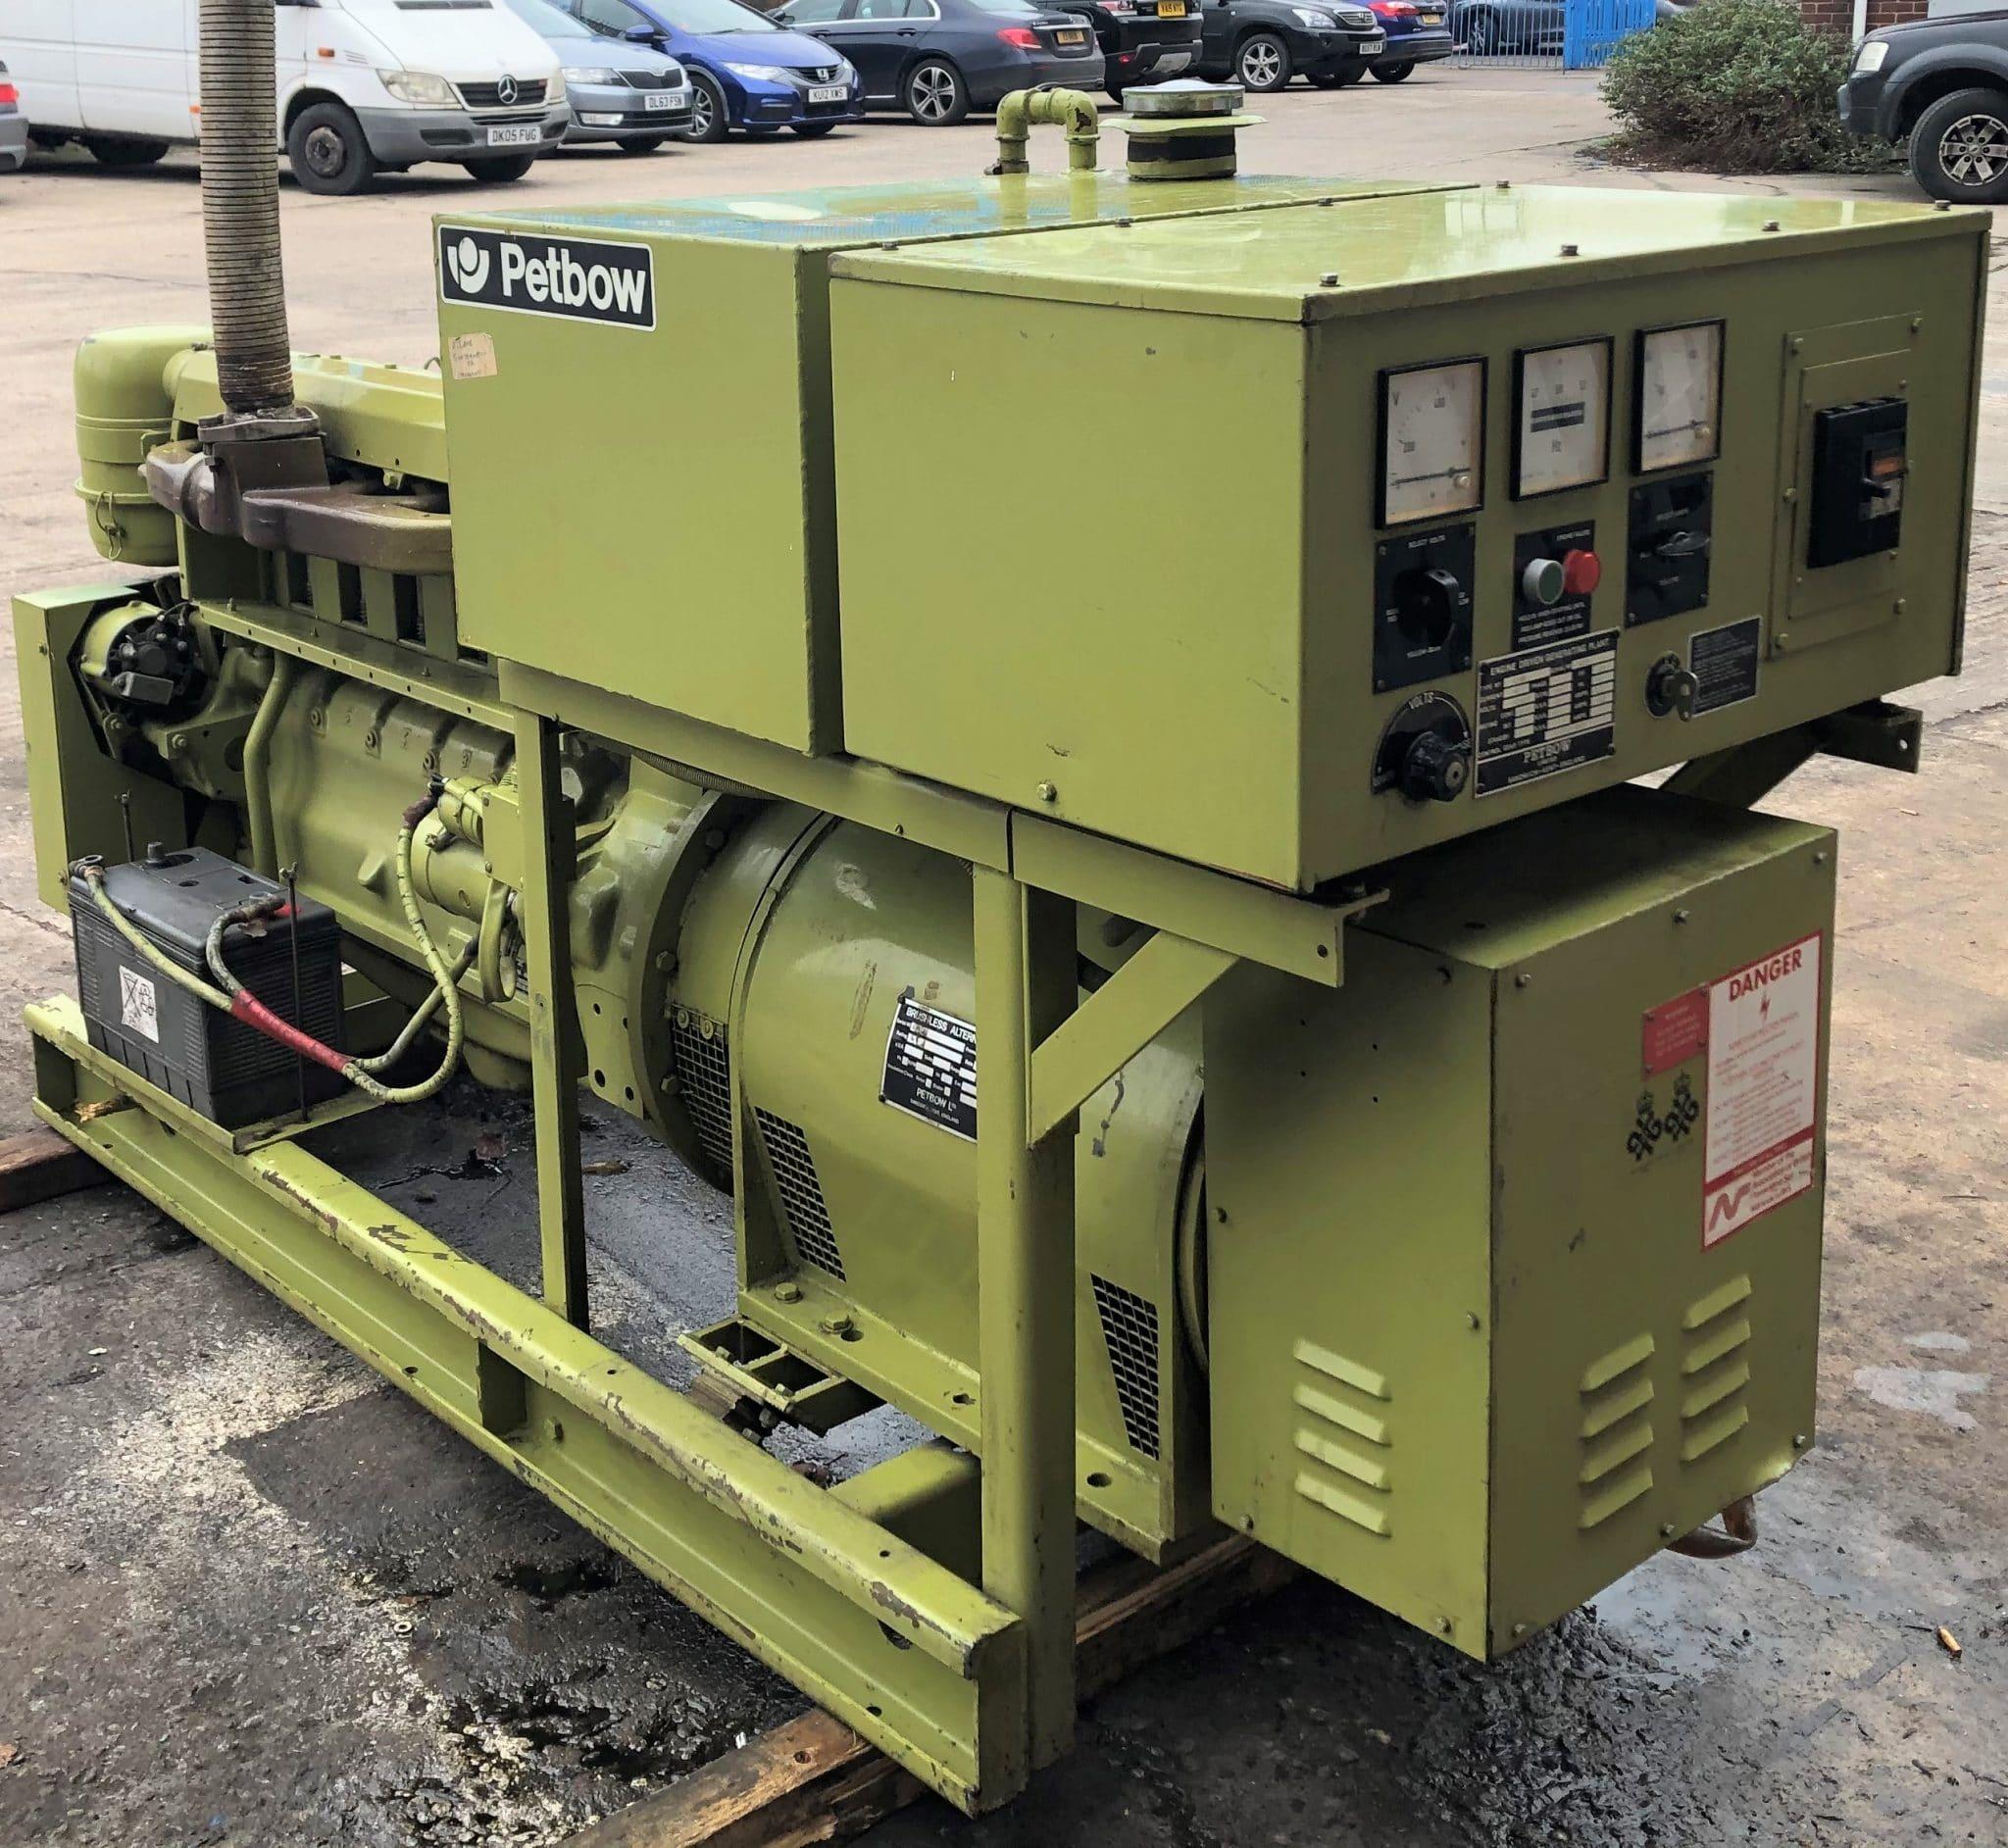 61 KVA Deutz Petbow Used Diesel Generator 2